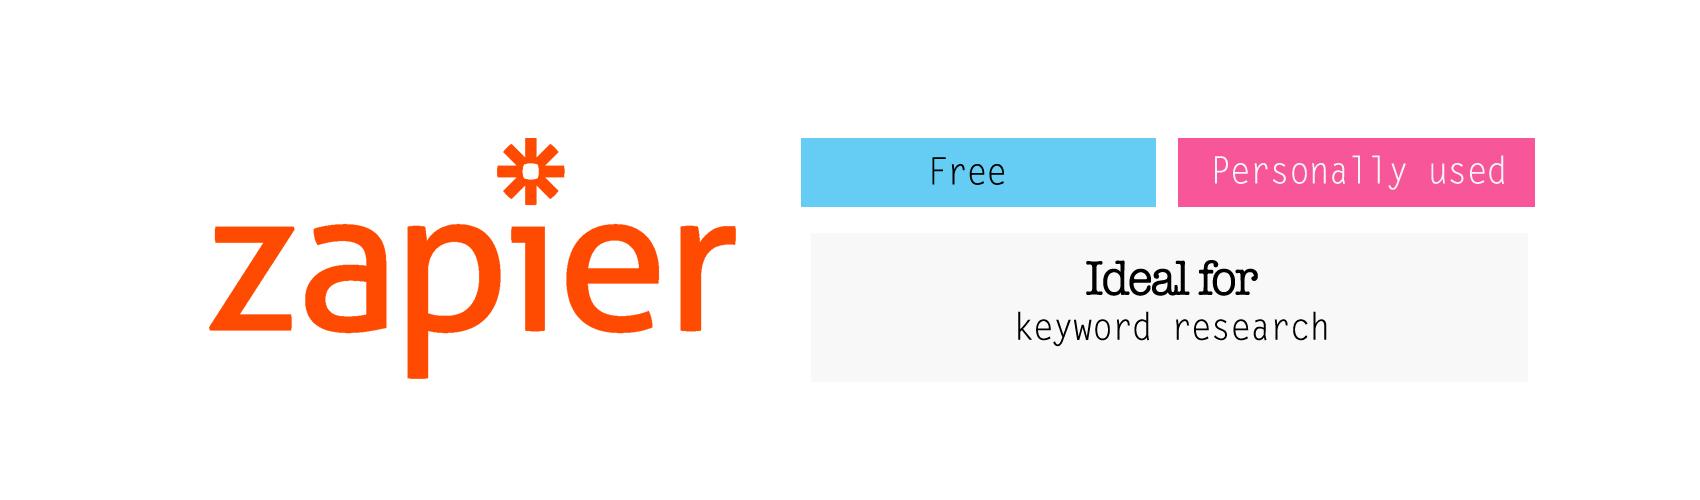 zapier keyword research